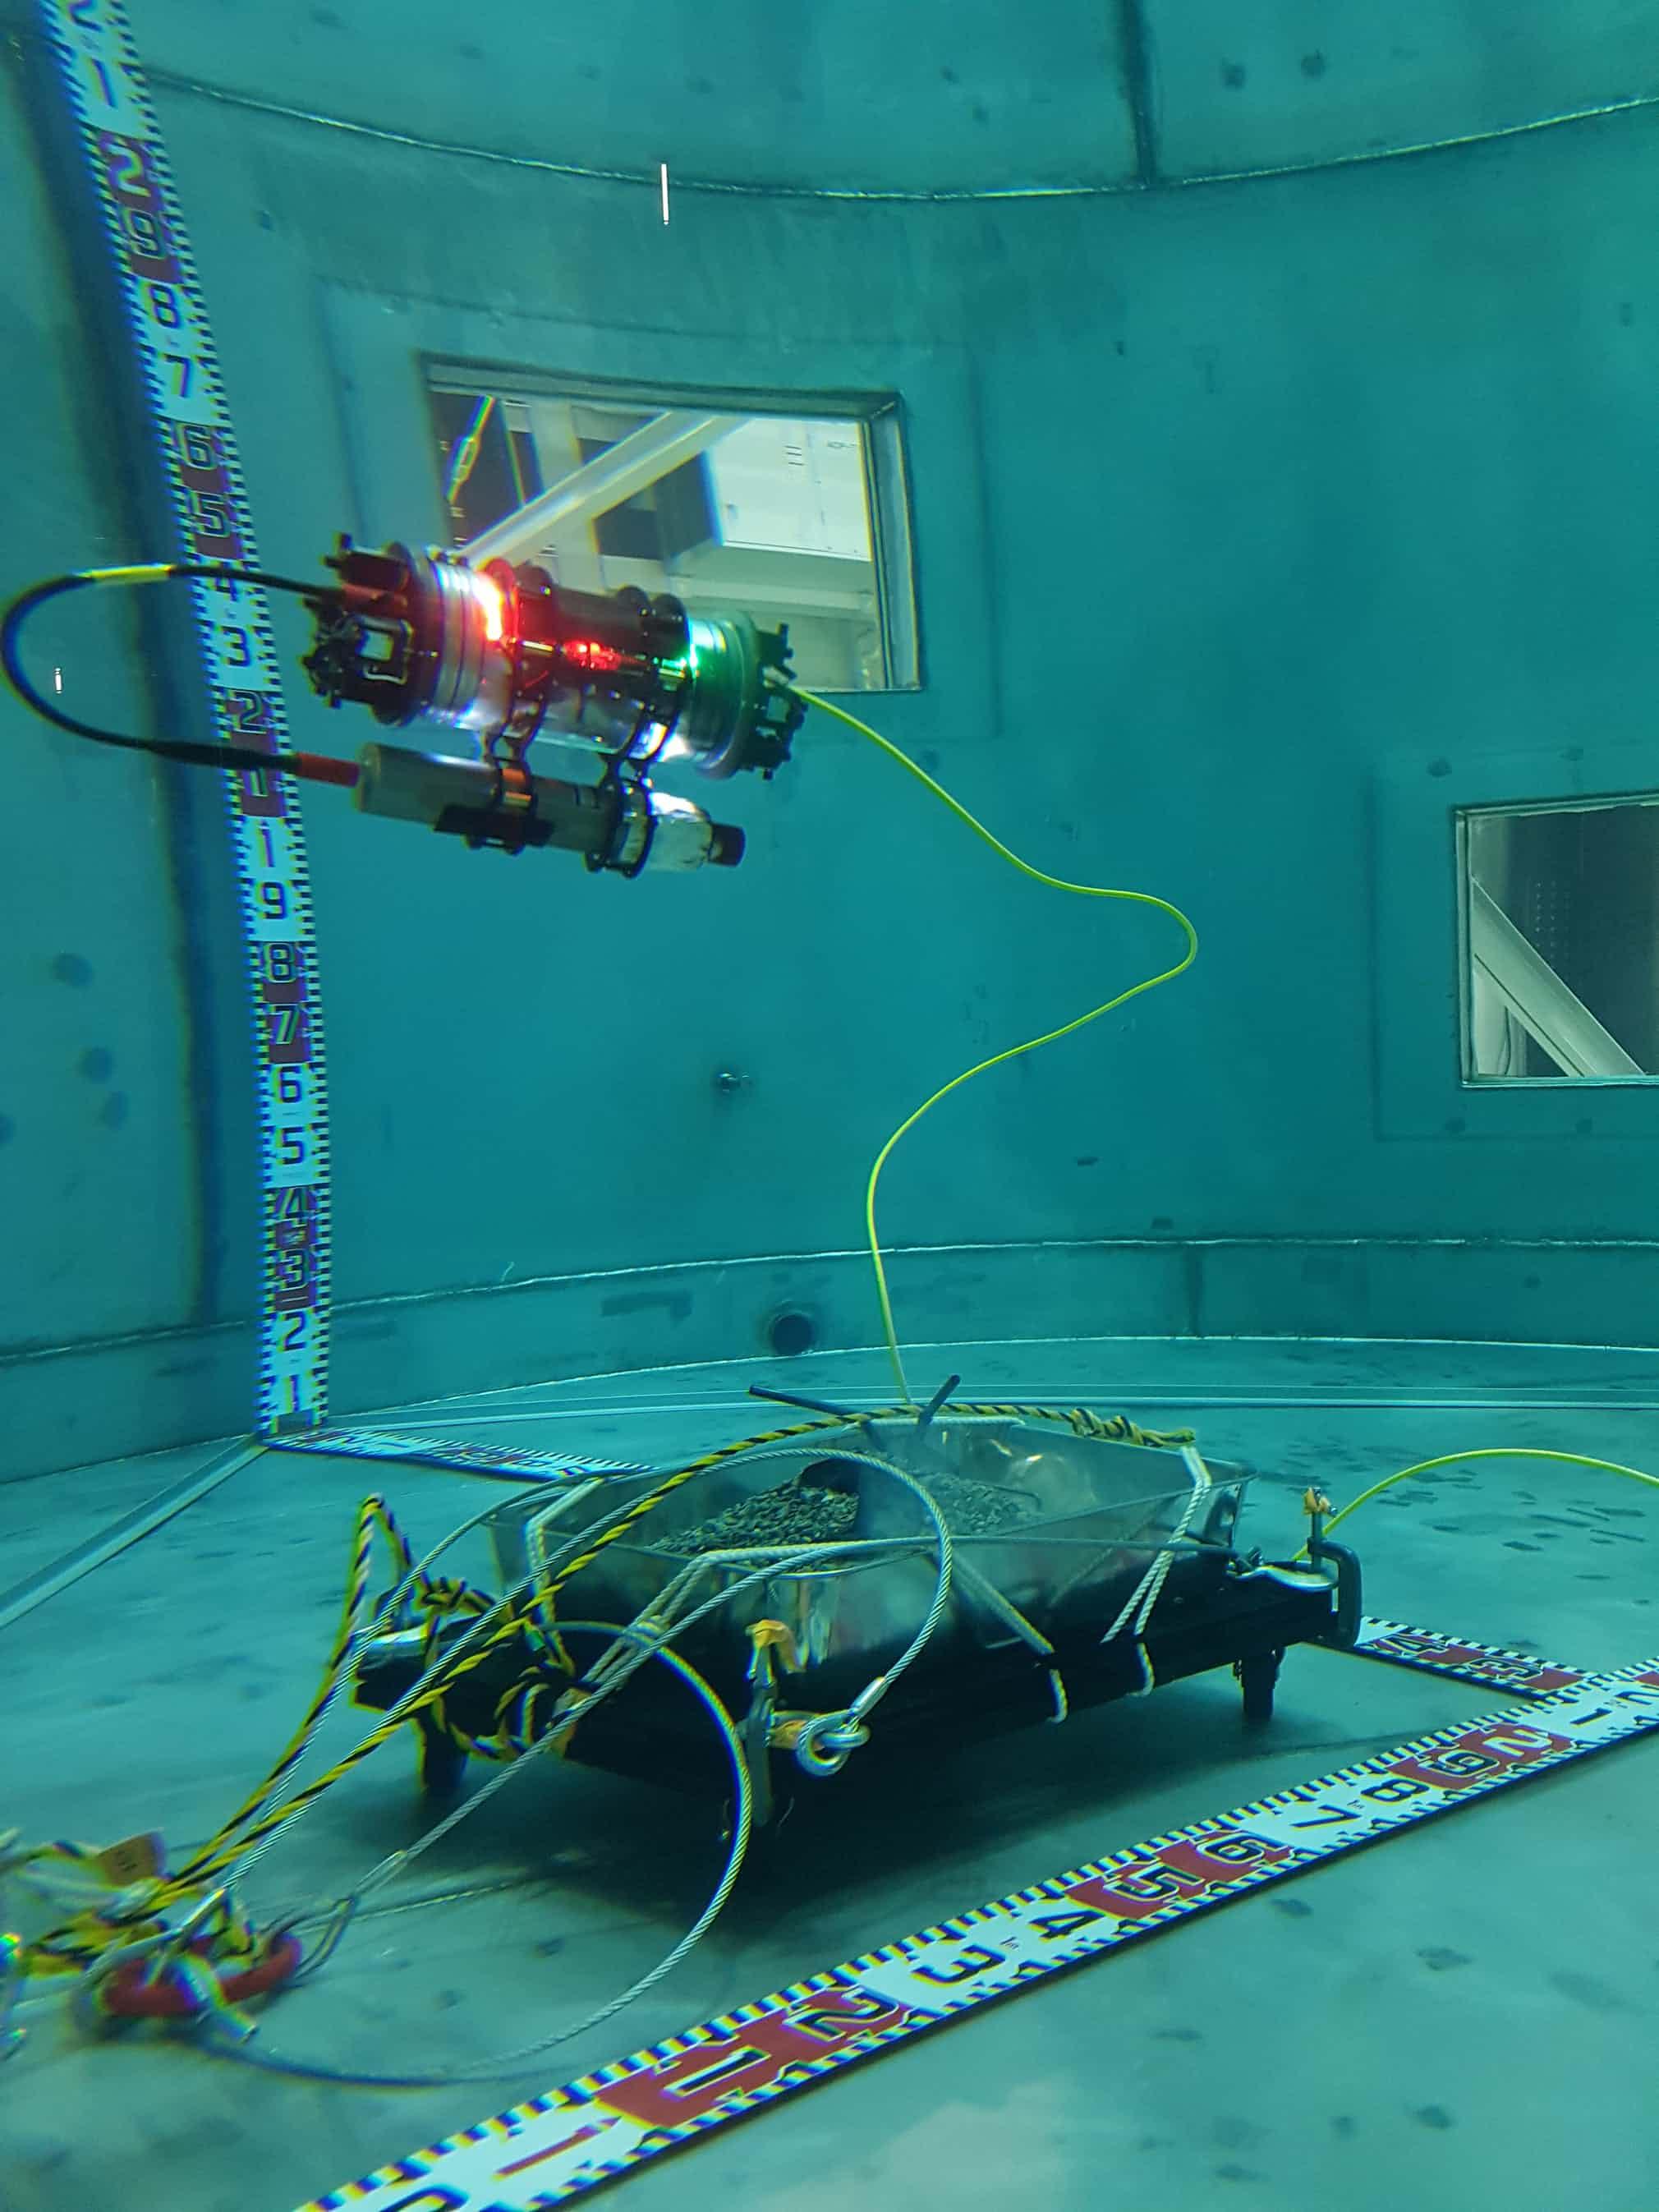 در جستجوی ضایعات شبیهسازی شدهی سوخت فوکوشیما با استفاده از AVEXIS ROV. دکتر سیمون واتسون از دانشگاه منچستر